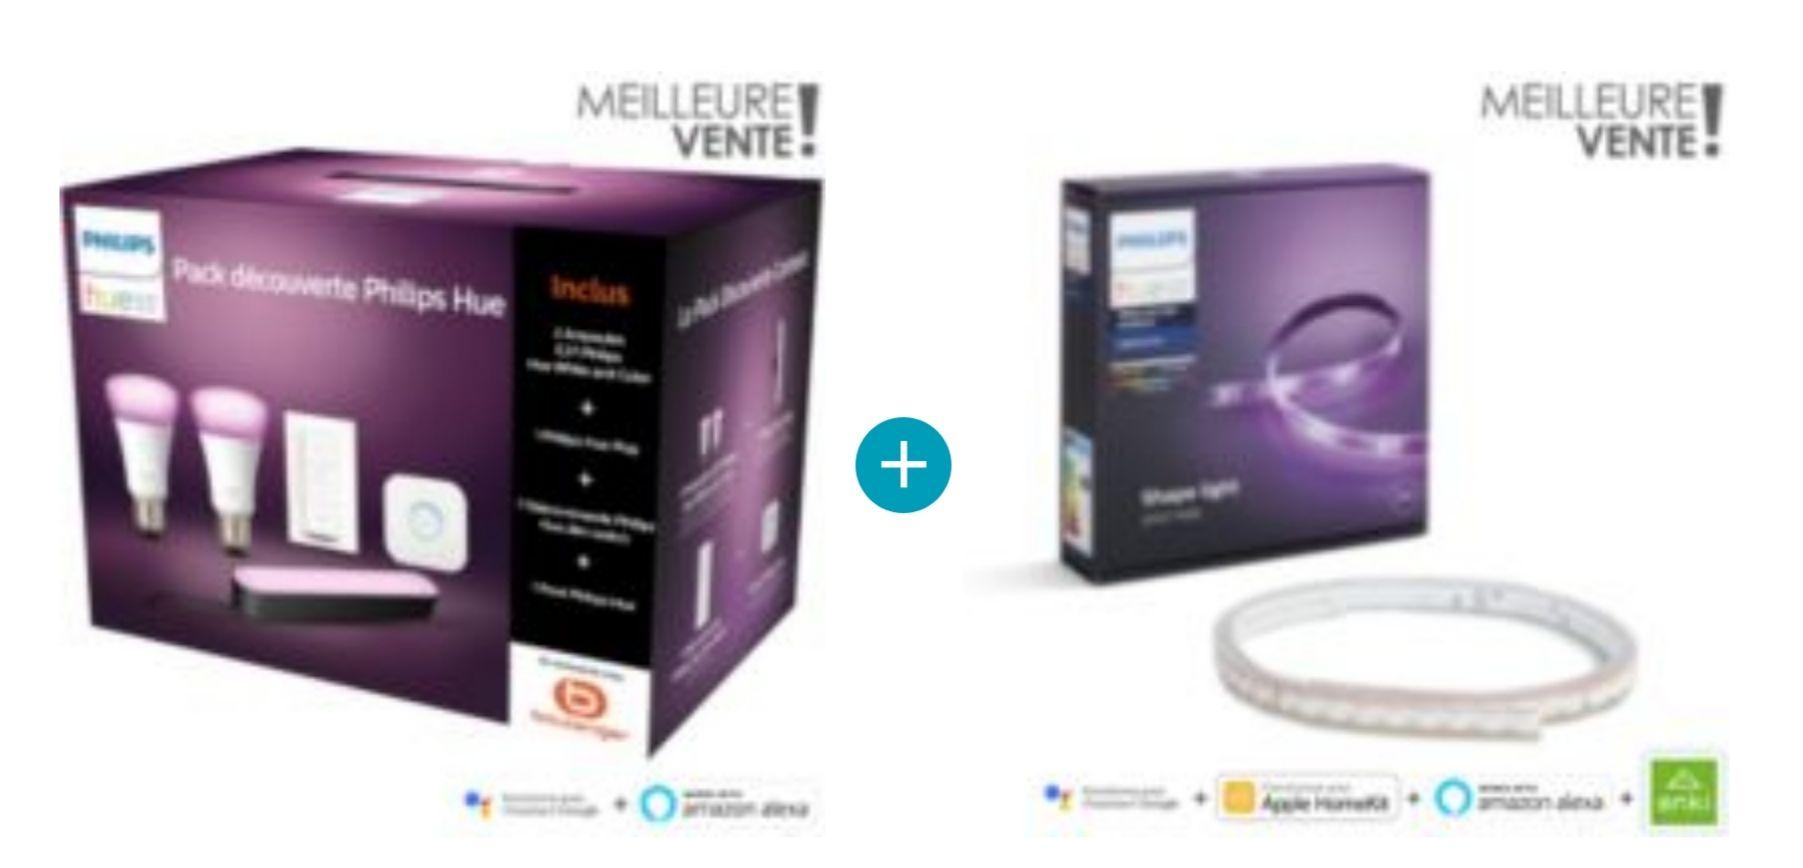 Pack de découverte Philips Hue play + bandeau led Lightstrip plus (2m). 2 ampoules w/c+pont+1 hue play+1 télécommande+bandeau led 2 mètres